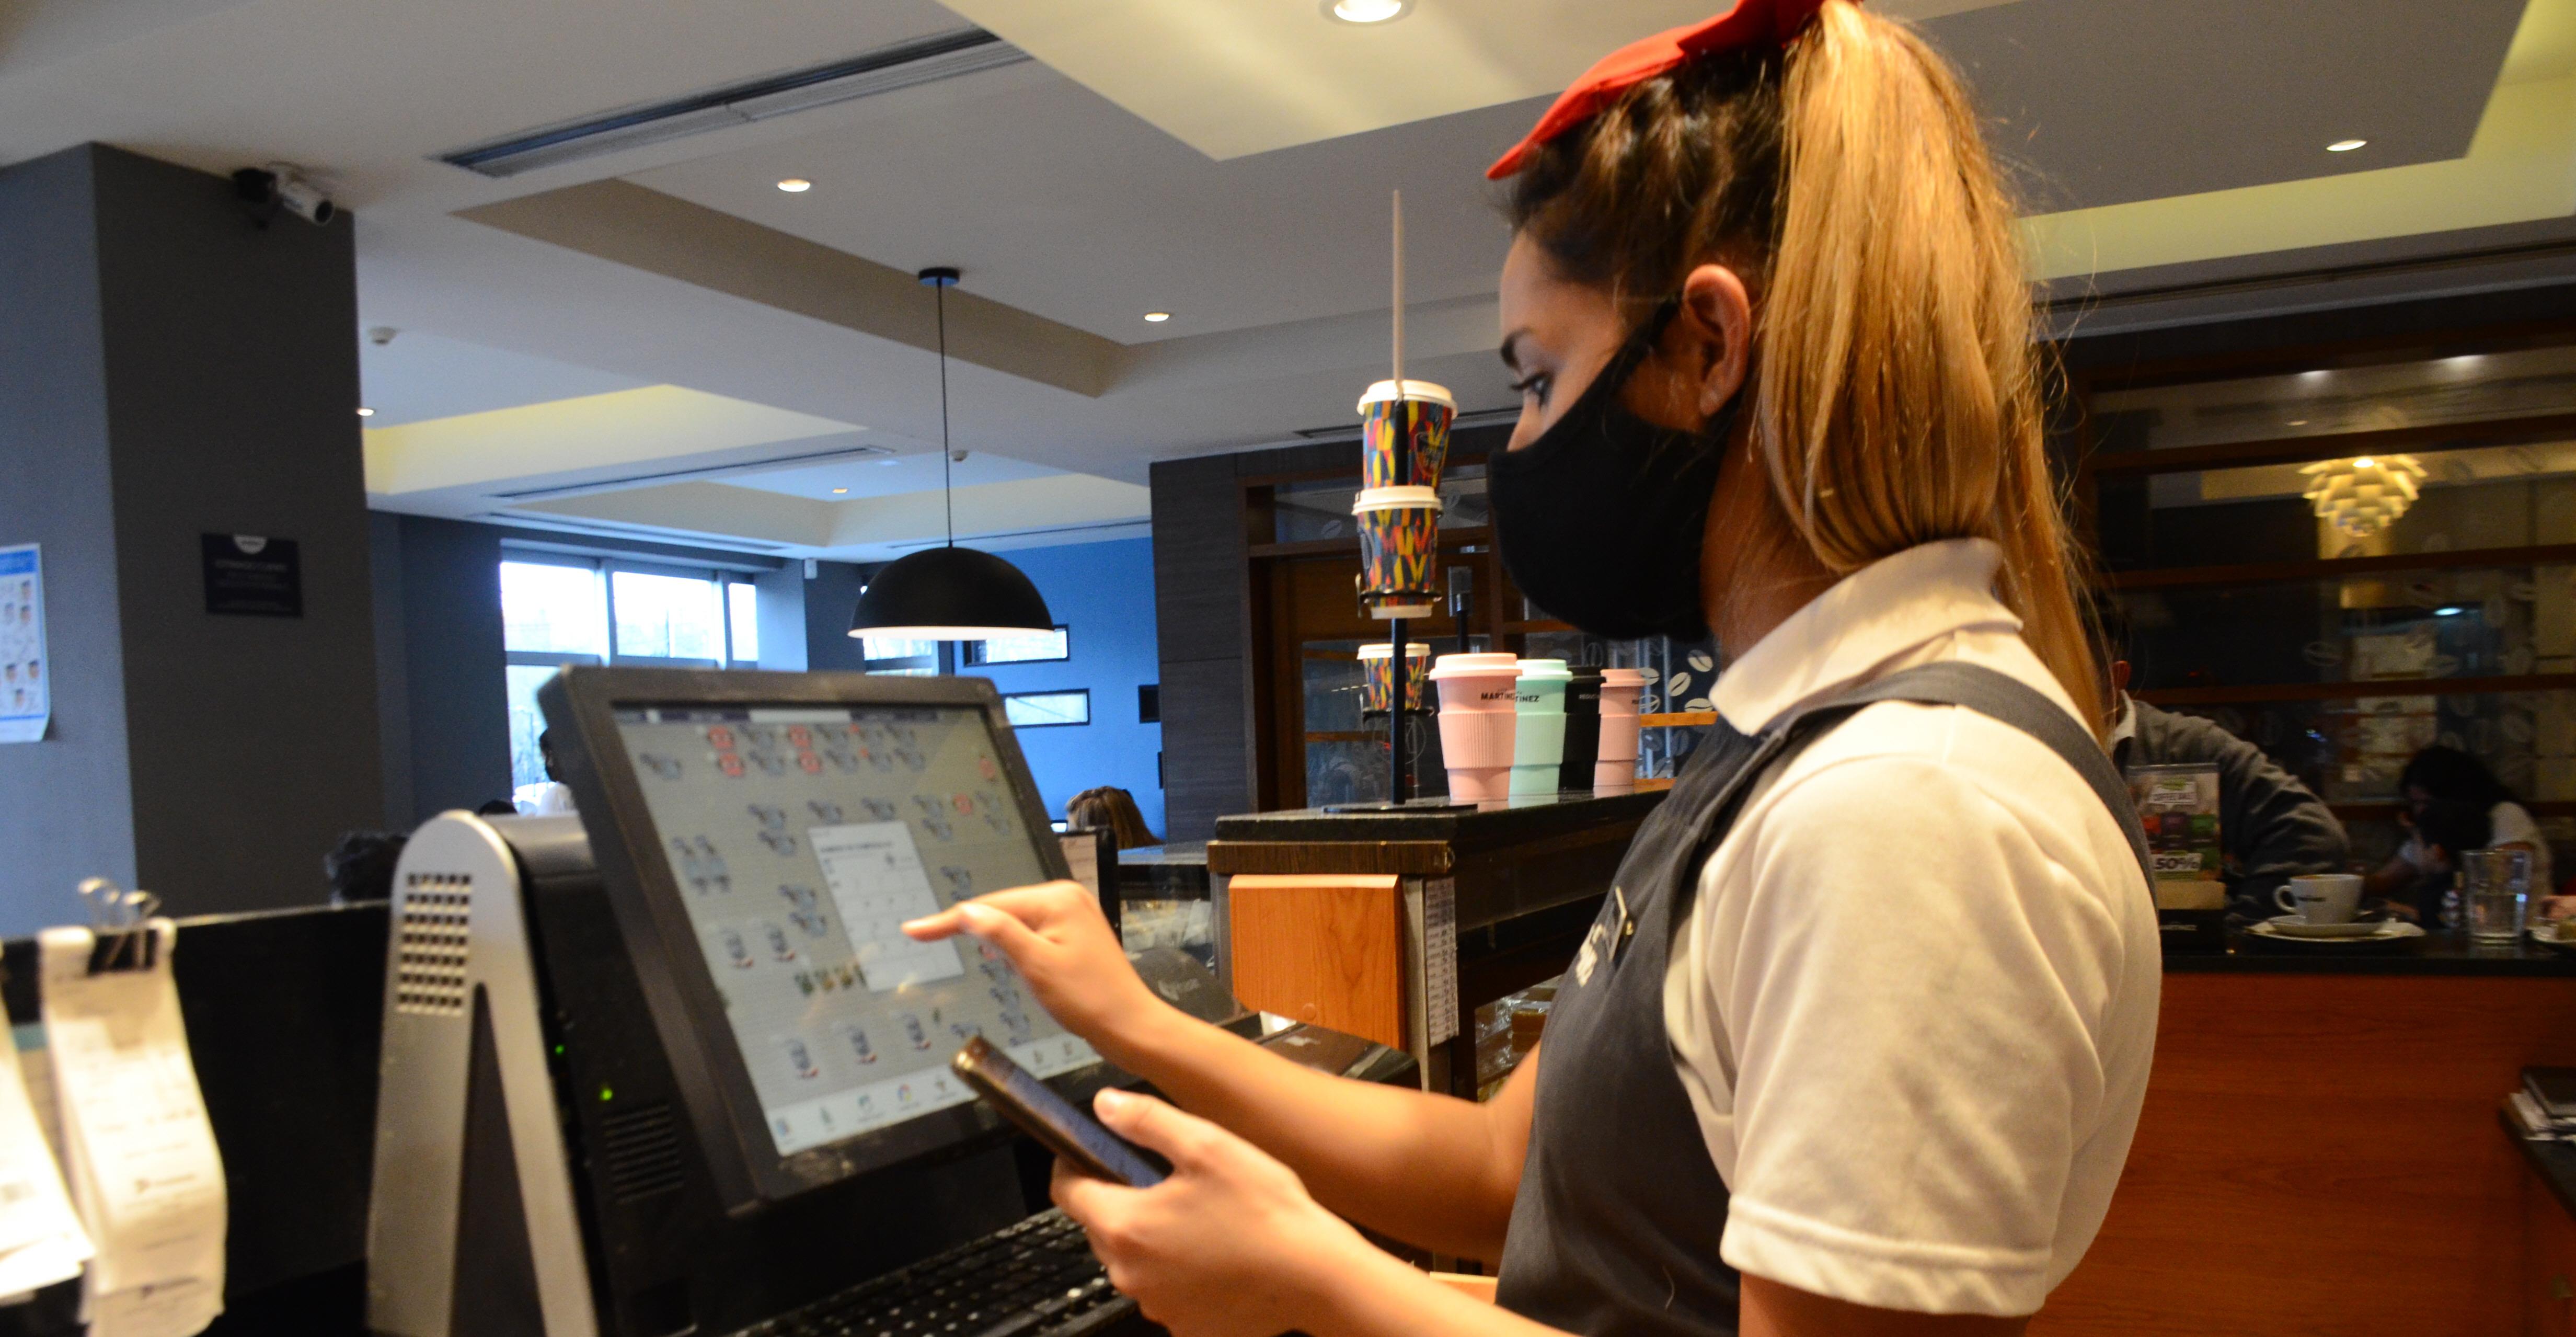 Florencia recibe pedidos para delivery en una cafetería local.